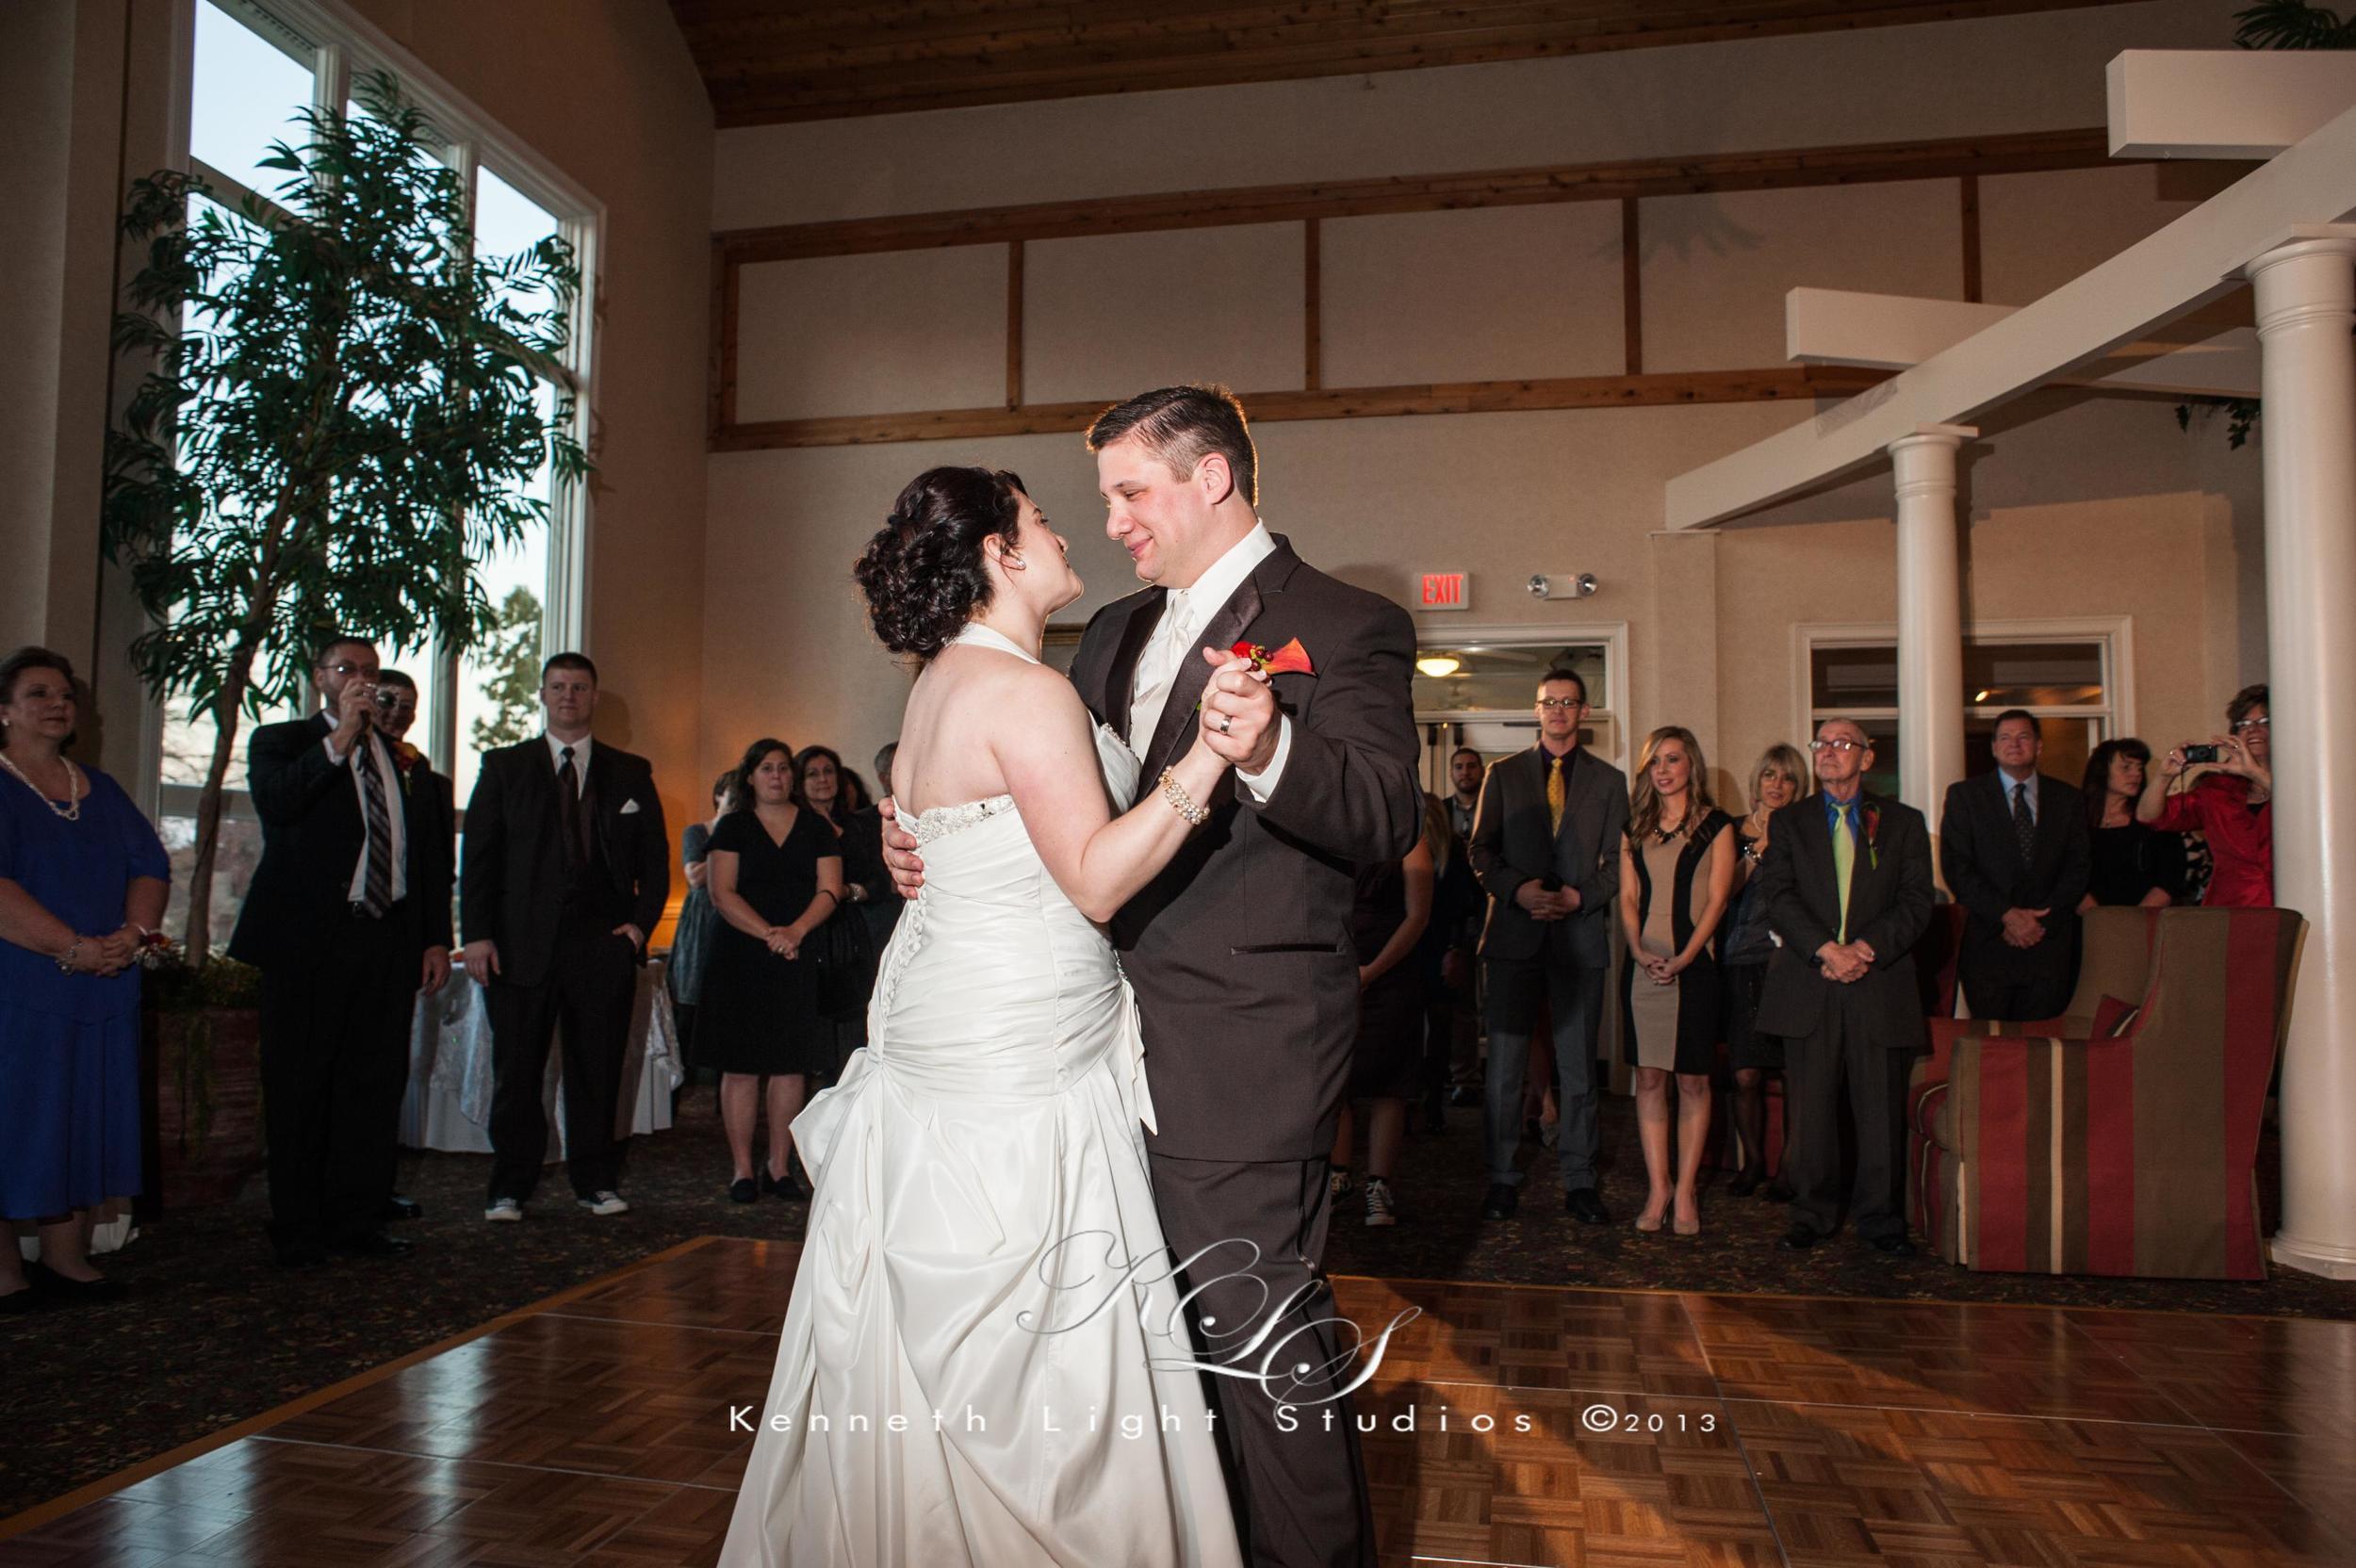 Katie & Troy's Wedding